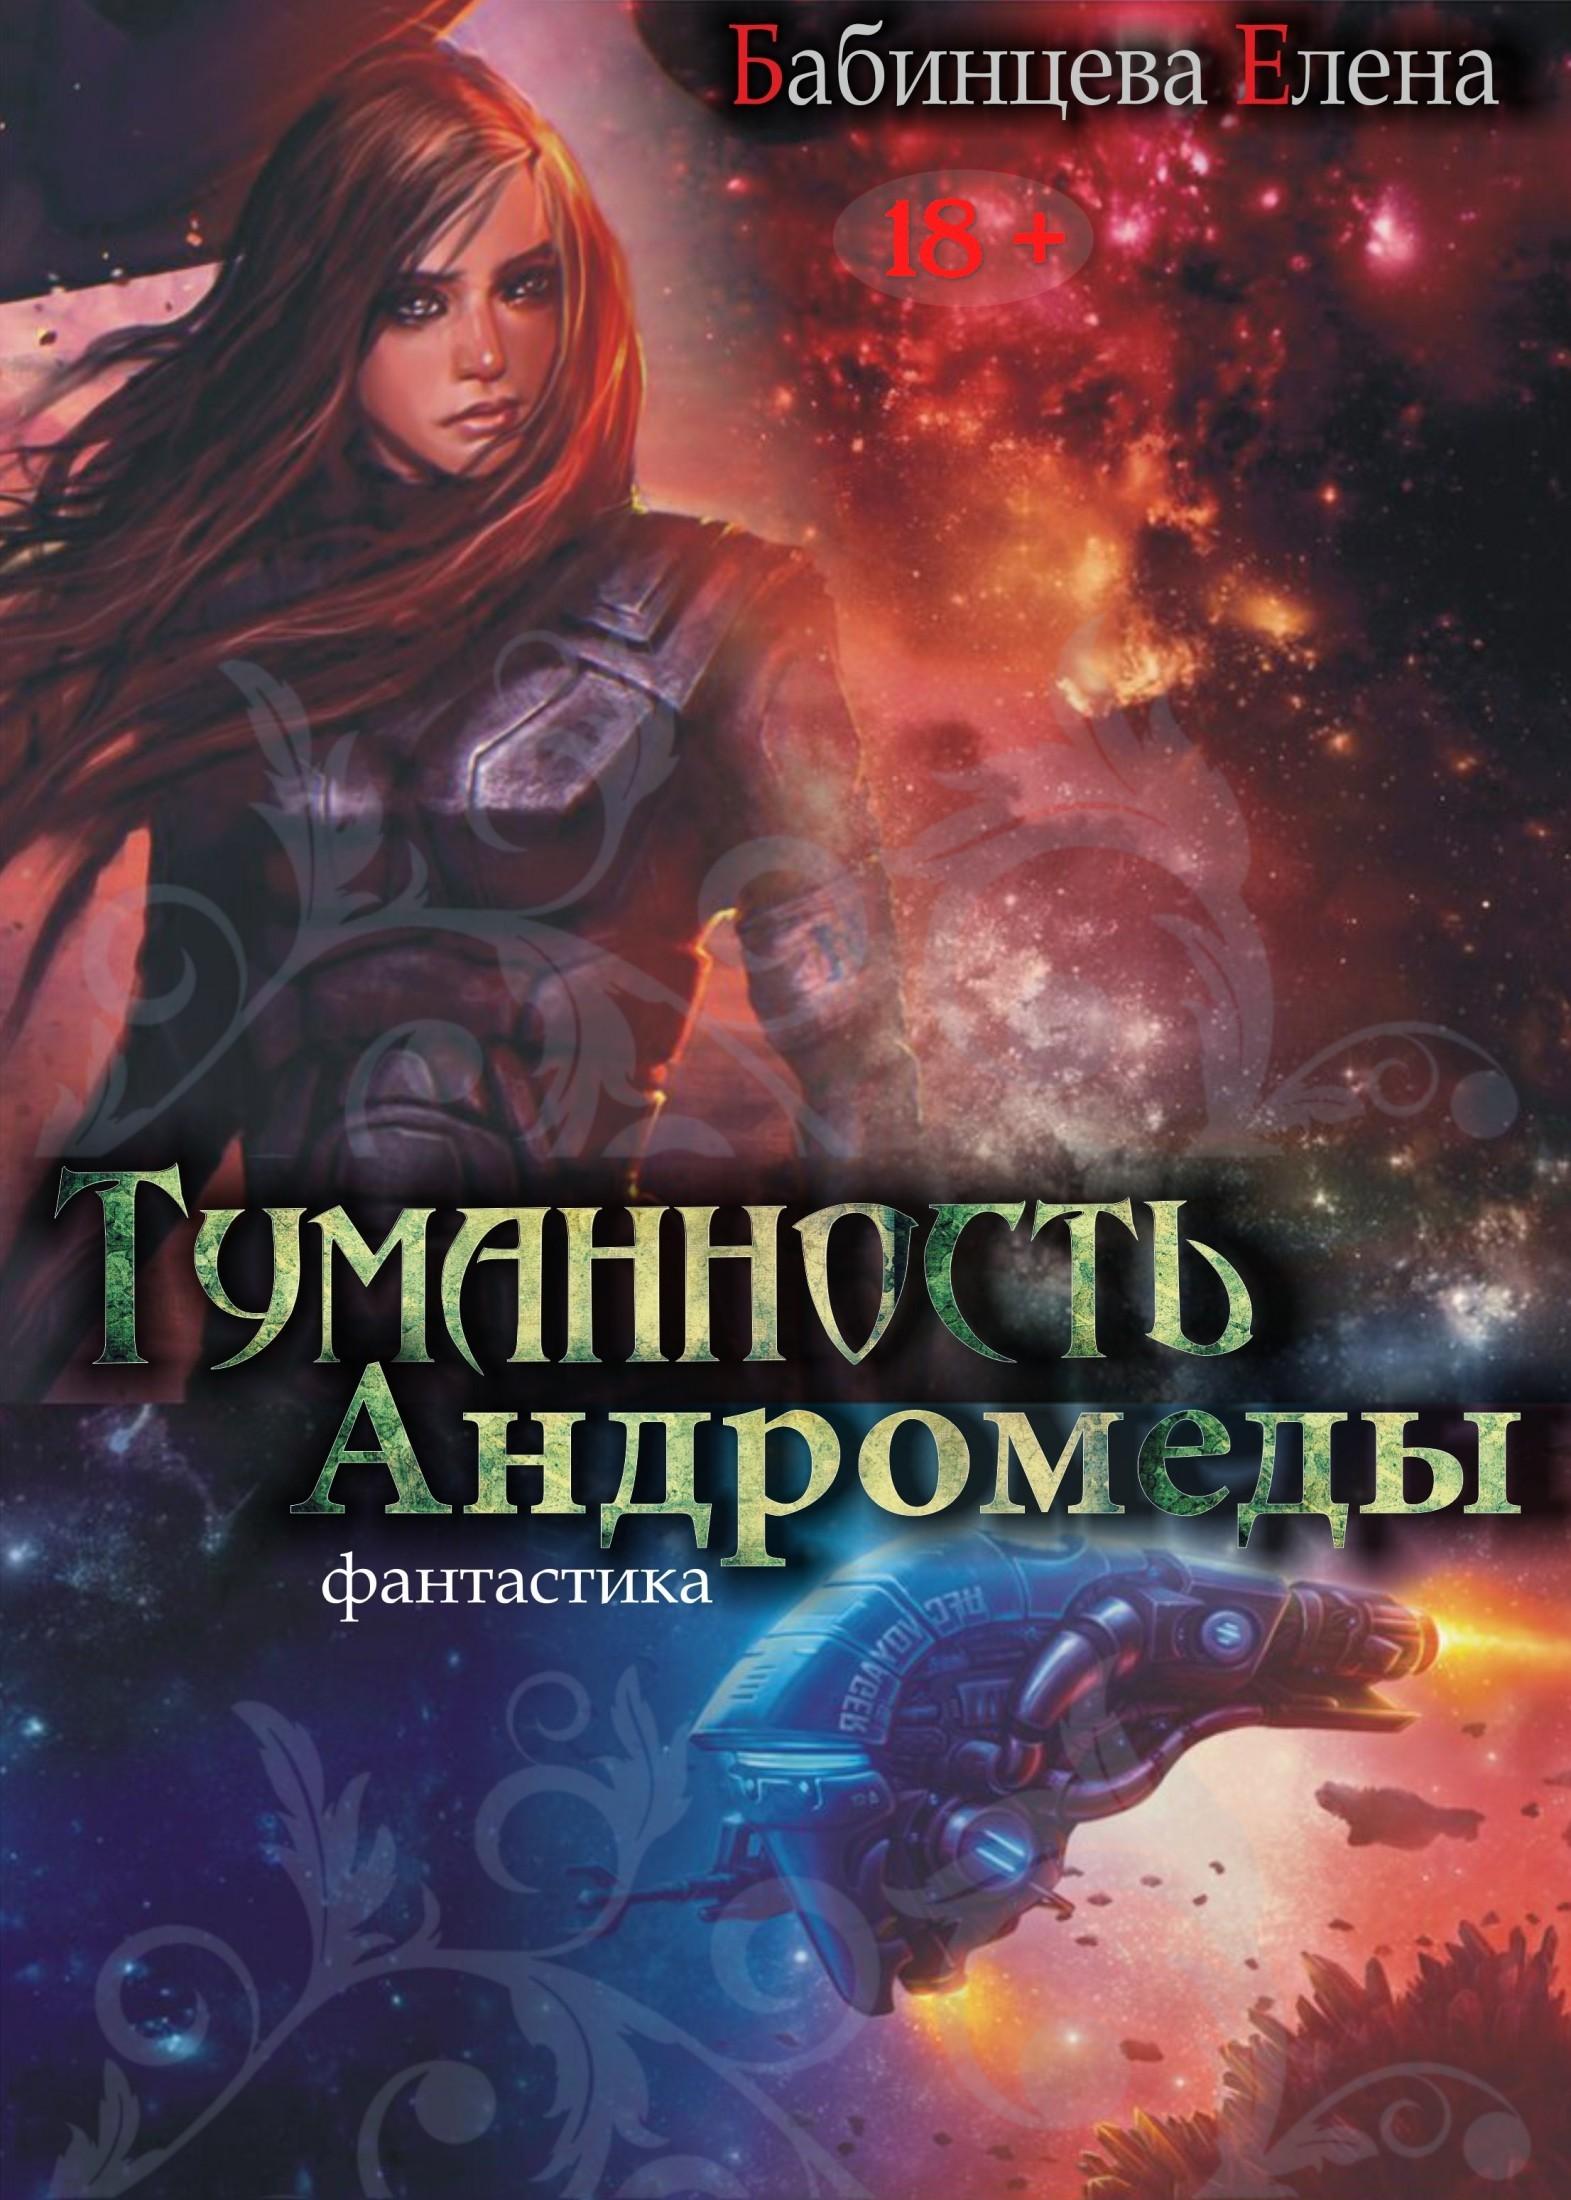 Елена Бабинцева Туманность Андромеды. Часть 1 елена бабинцева туманность андромеды часть 1